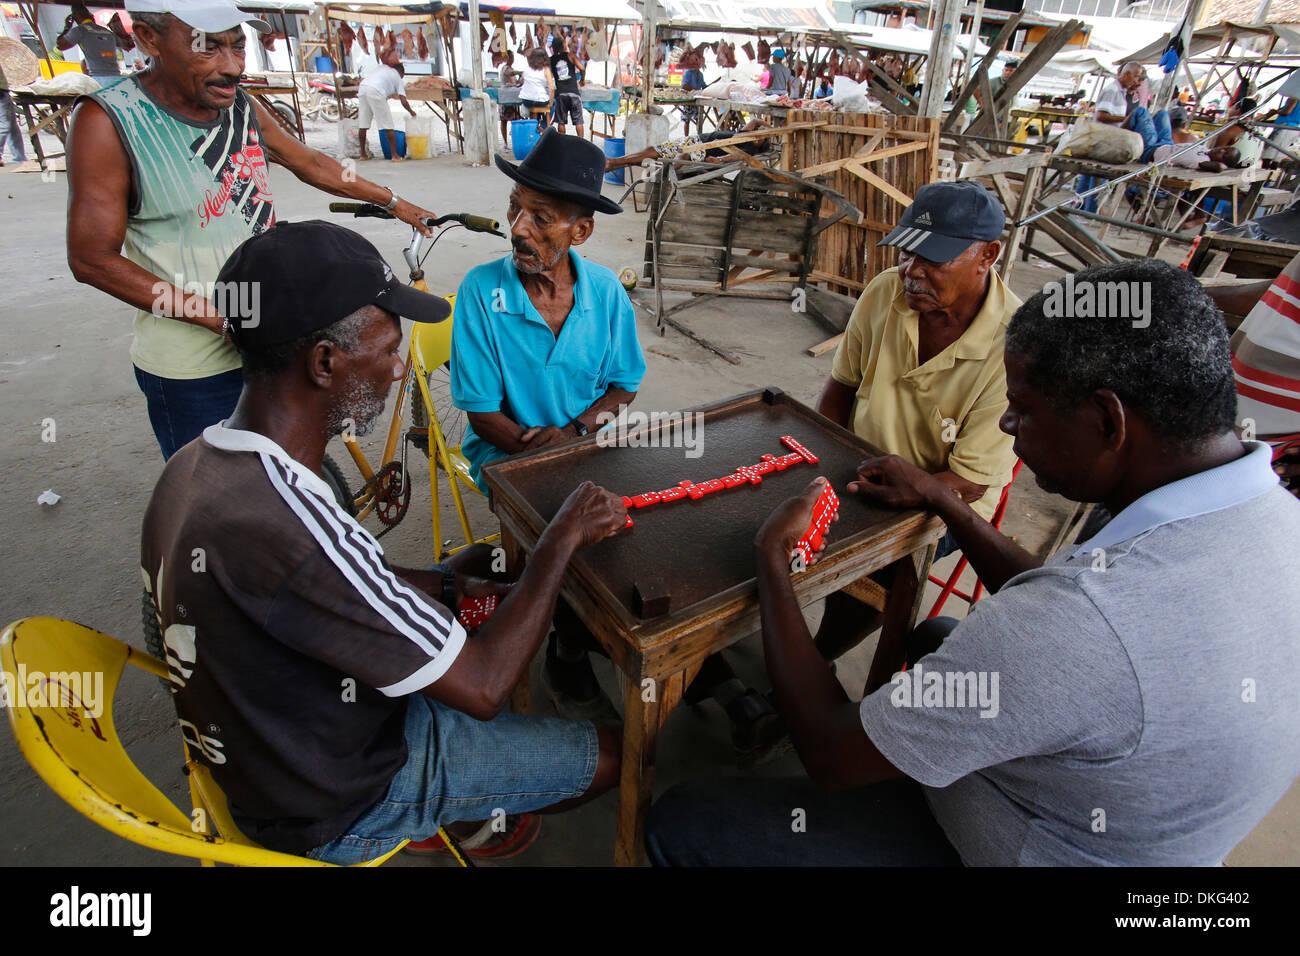 Domino players in Santo Amaro, Bahia, Brazil, South America - Stock Image